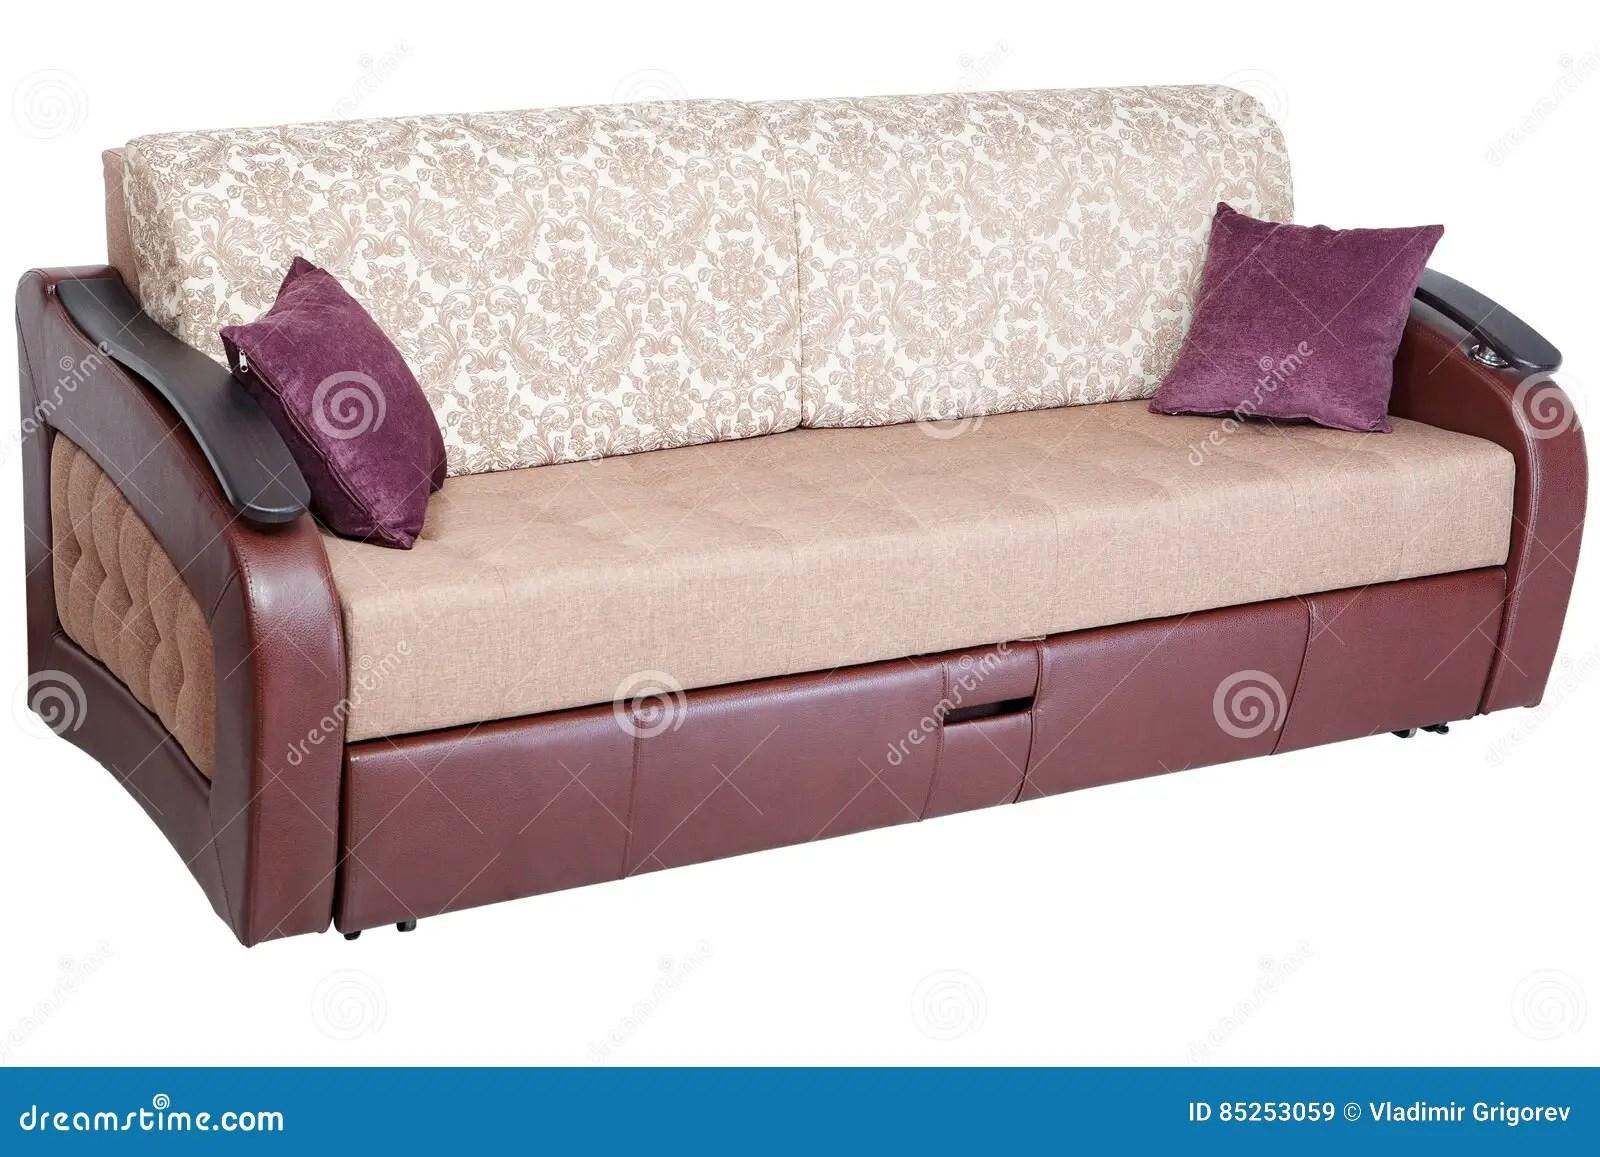 le divan convertible de canape lit de dormeur avec l espace memoire d isolement sur le fond blanc a enregistre la selection de chemin